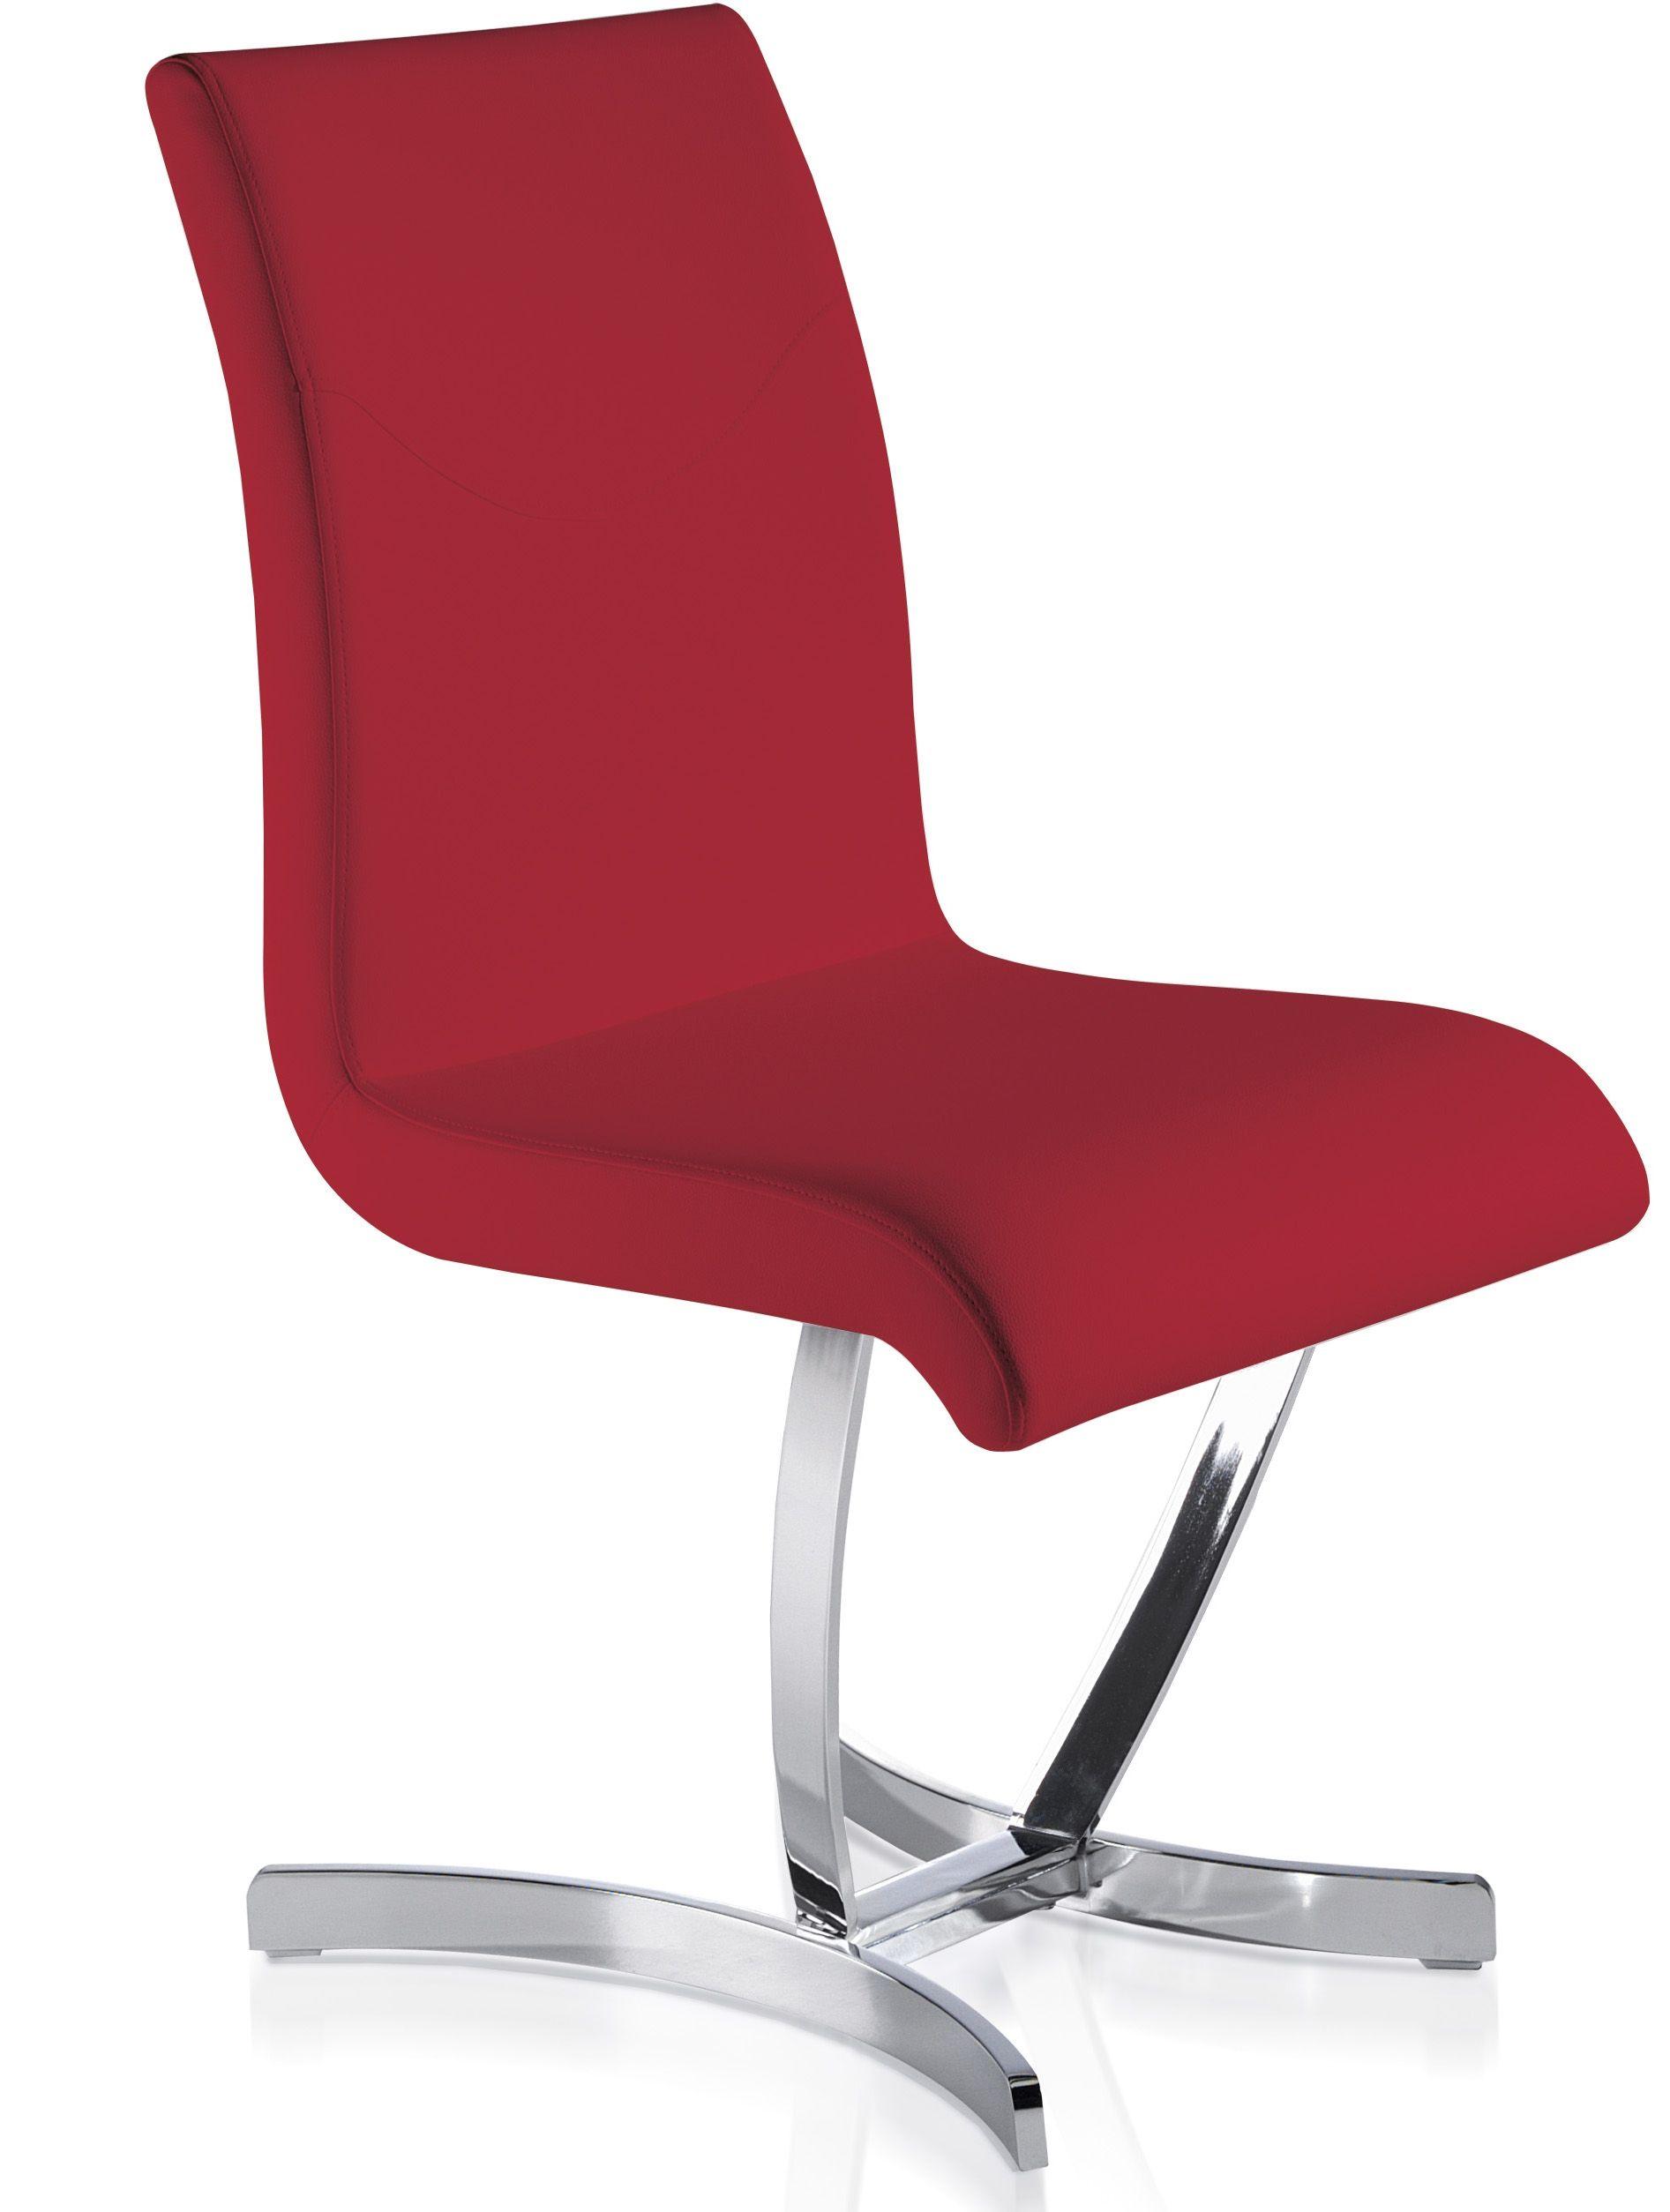 Chaise Design Rouge De La Collection Sipa Vendue Par Lot 2 D